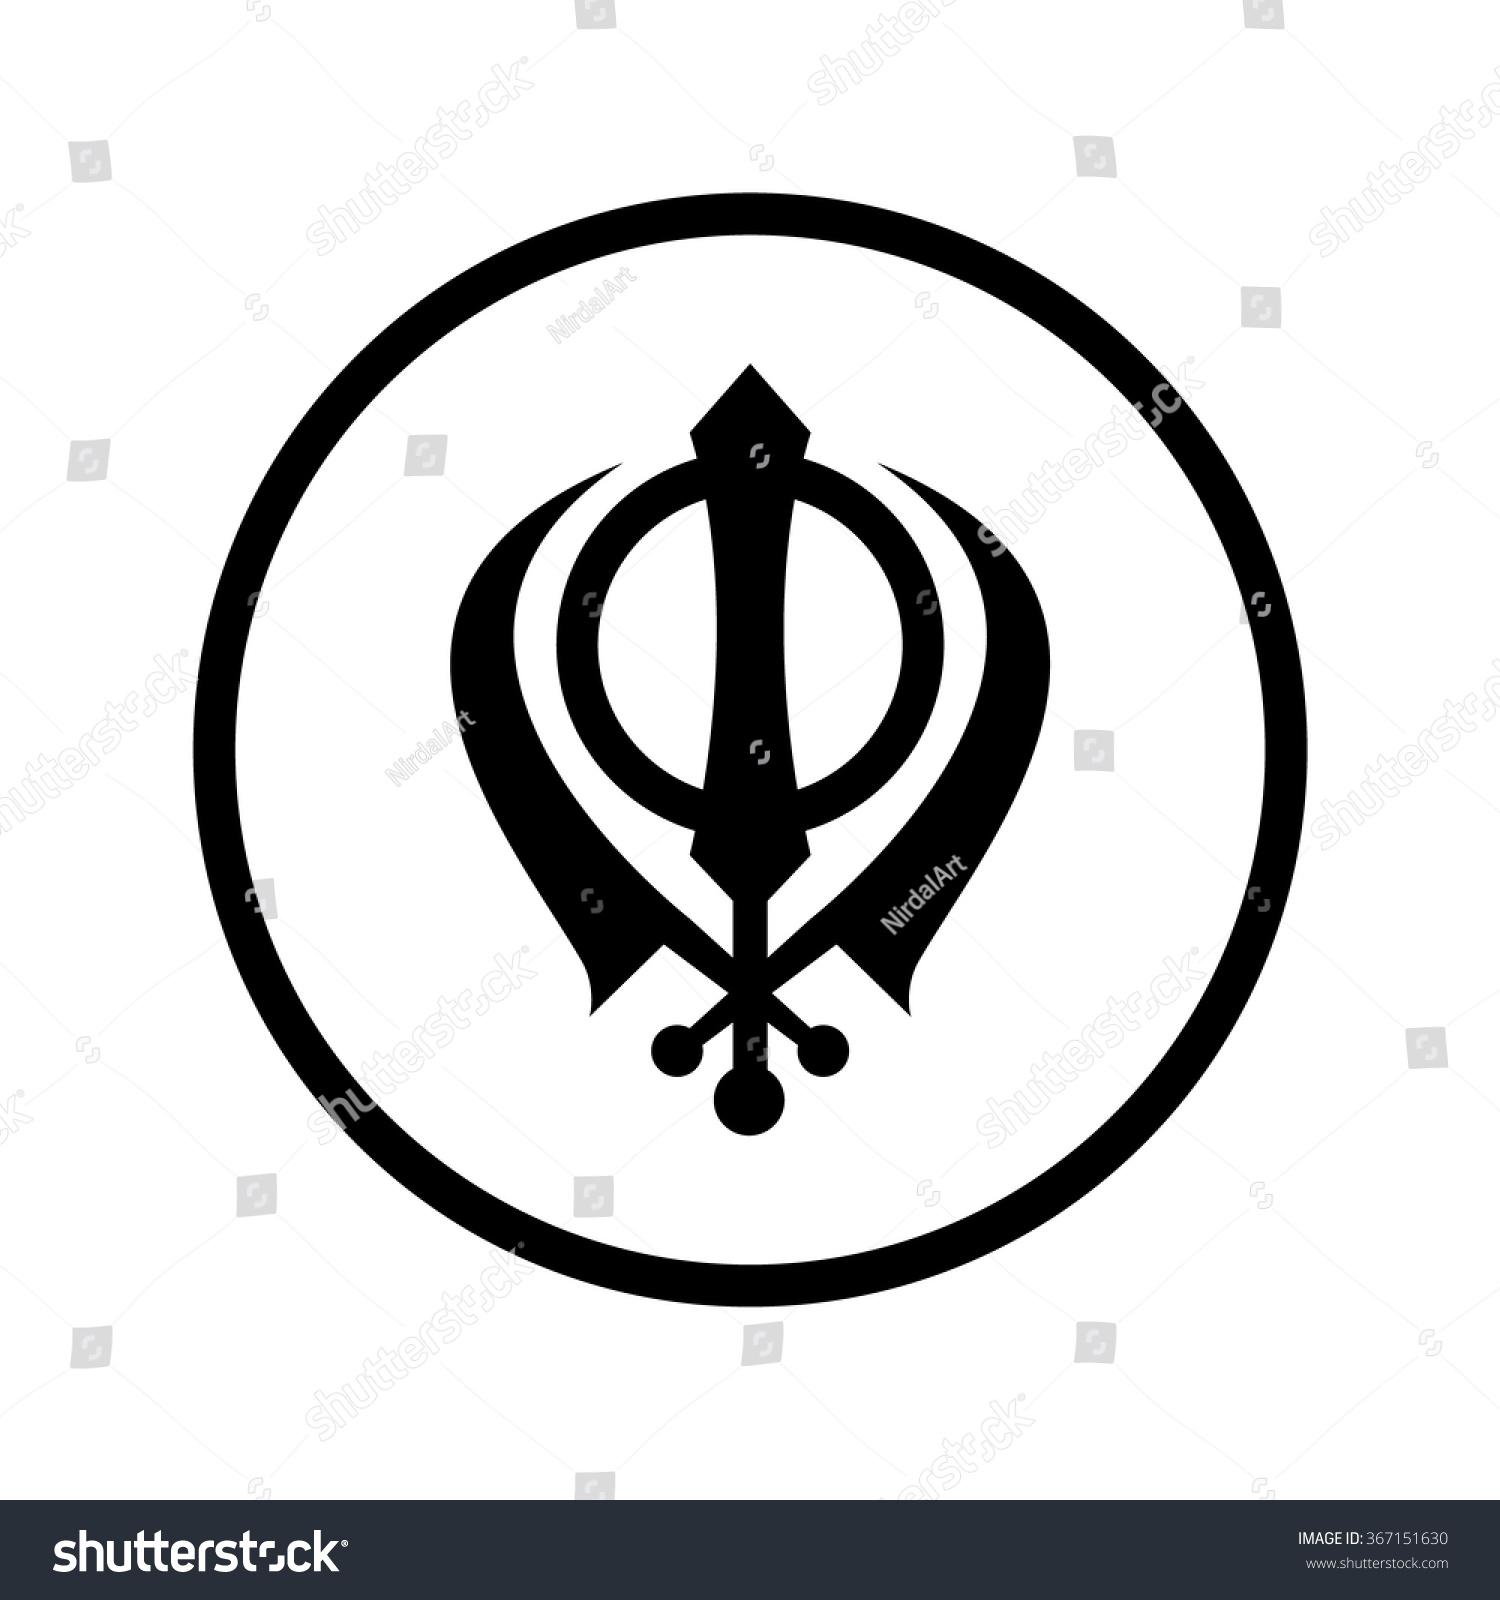 Royalty Free Khanda Symbol Sikhism Religion 367151630 Stock